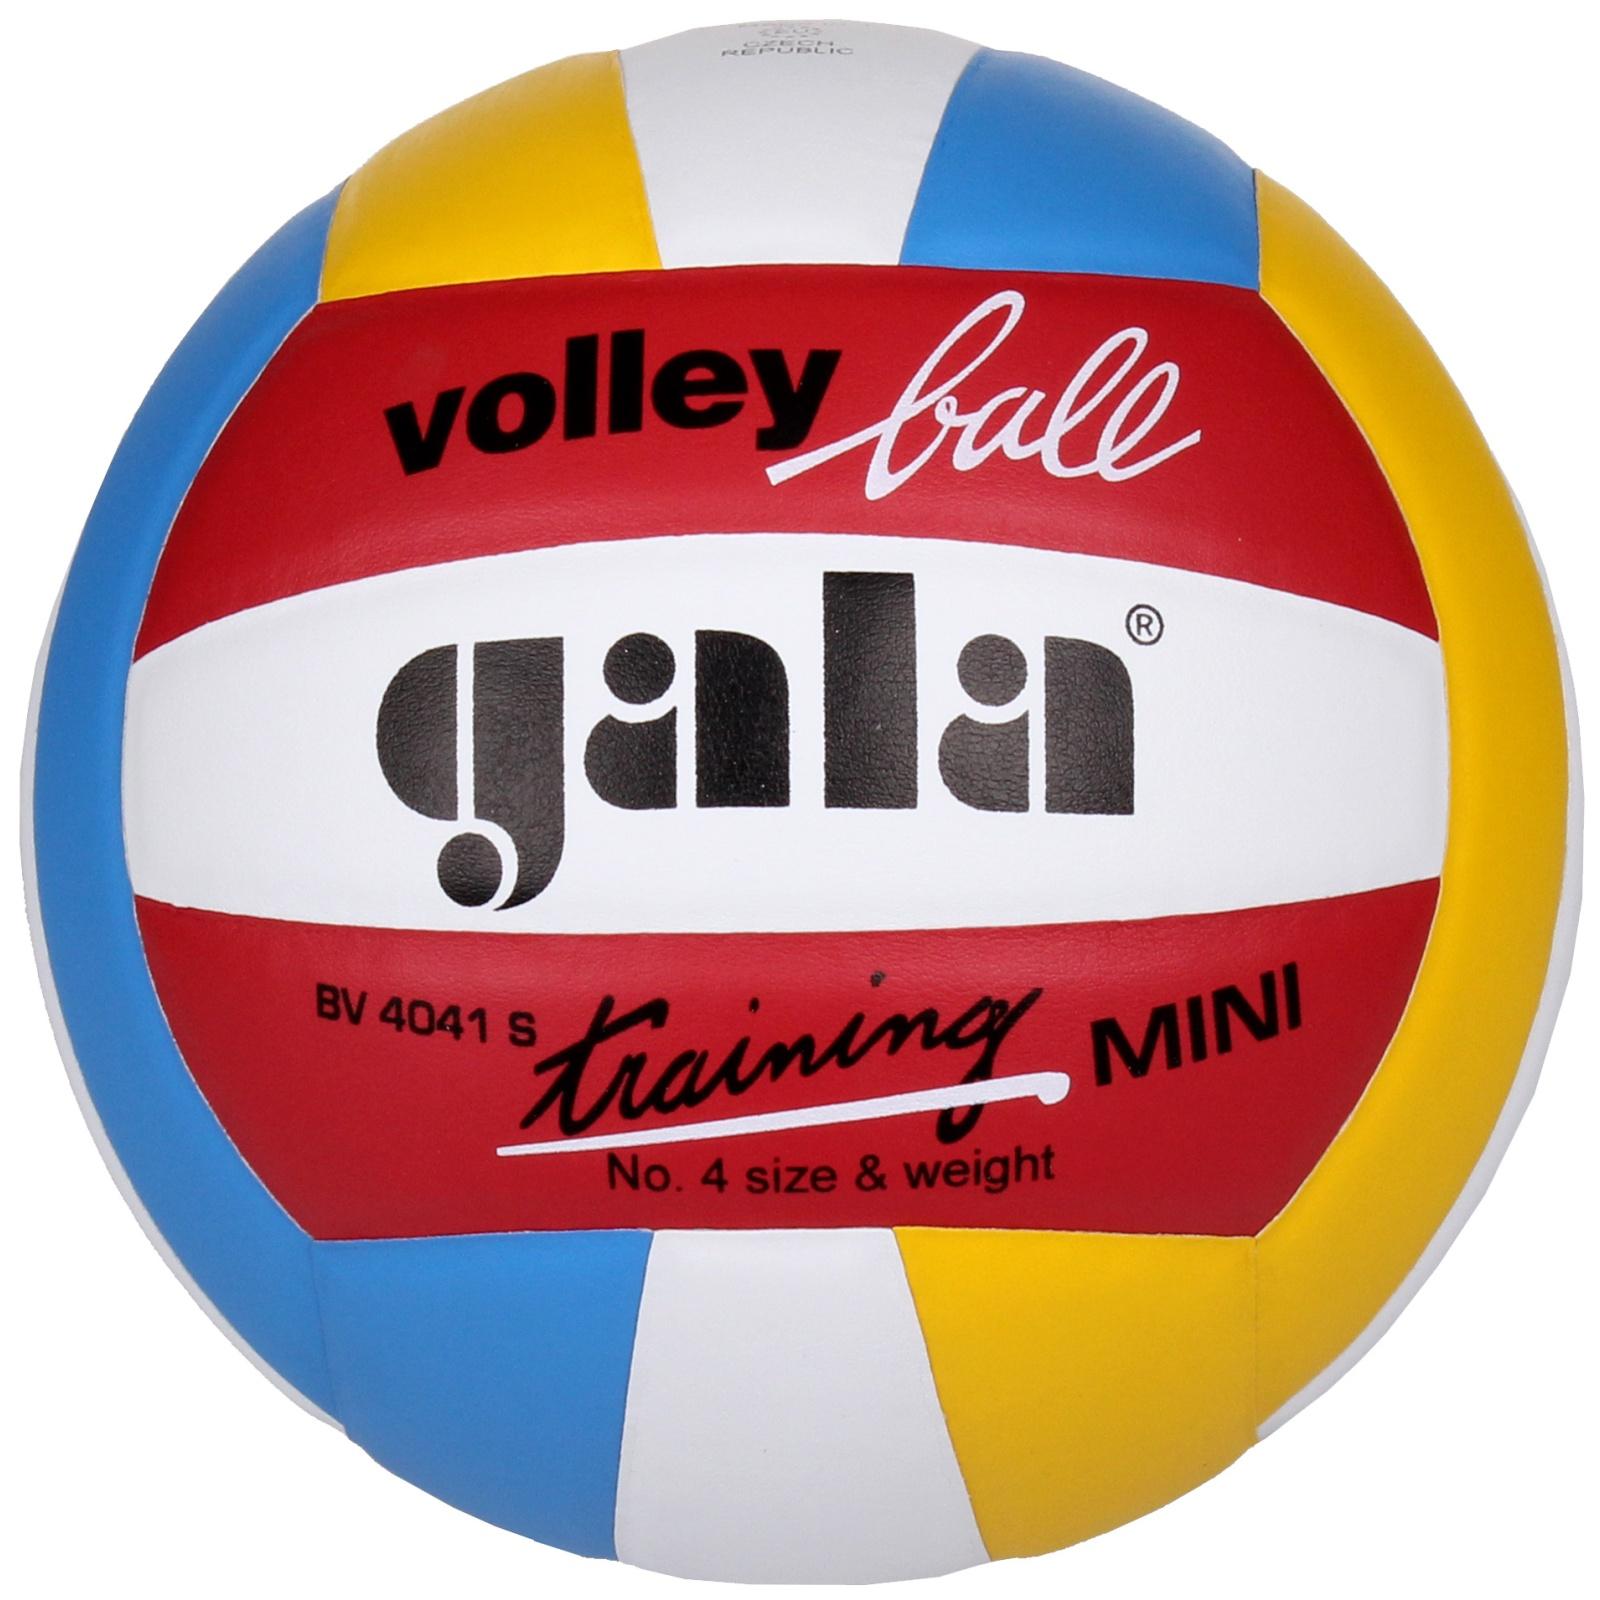 Volejbalový míč GALA Mini Training BV 4041 S